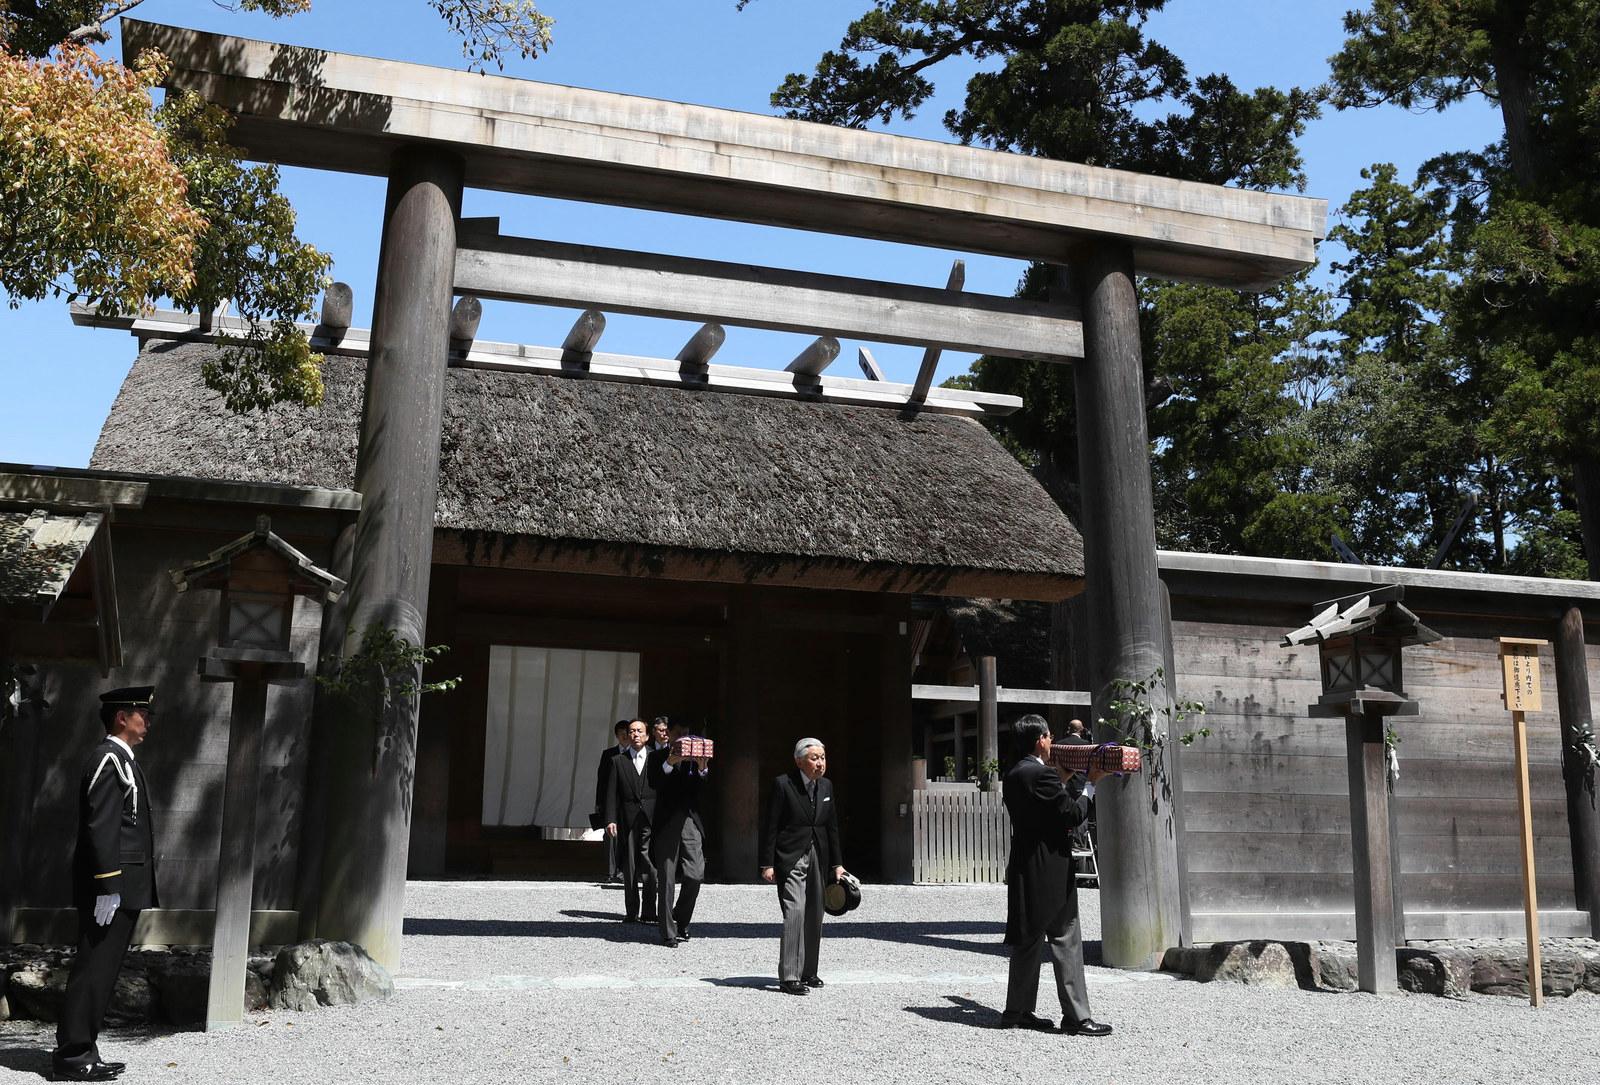 【NHK】退位に伴う伊勢神宮参拝で、「皇室の祖先は天照大神」と報道→批判や疑問の声あがる